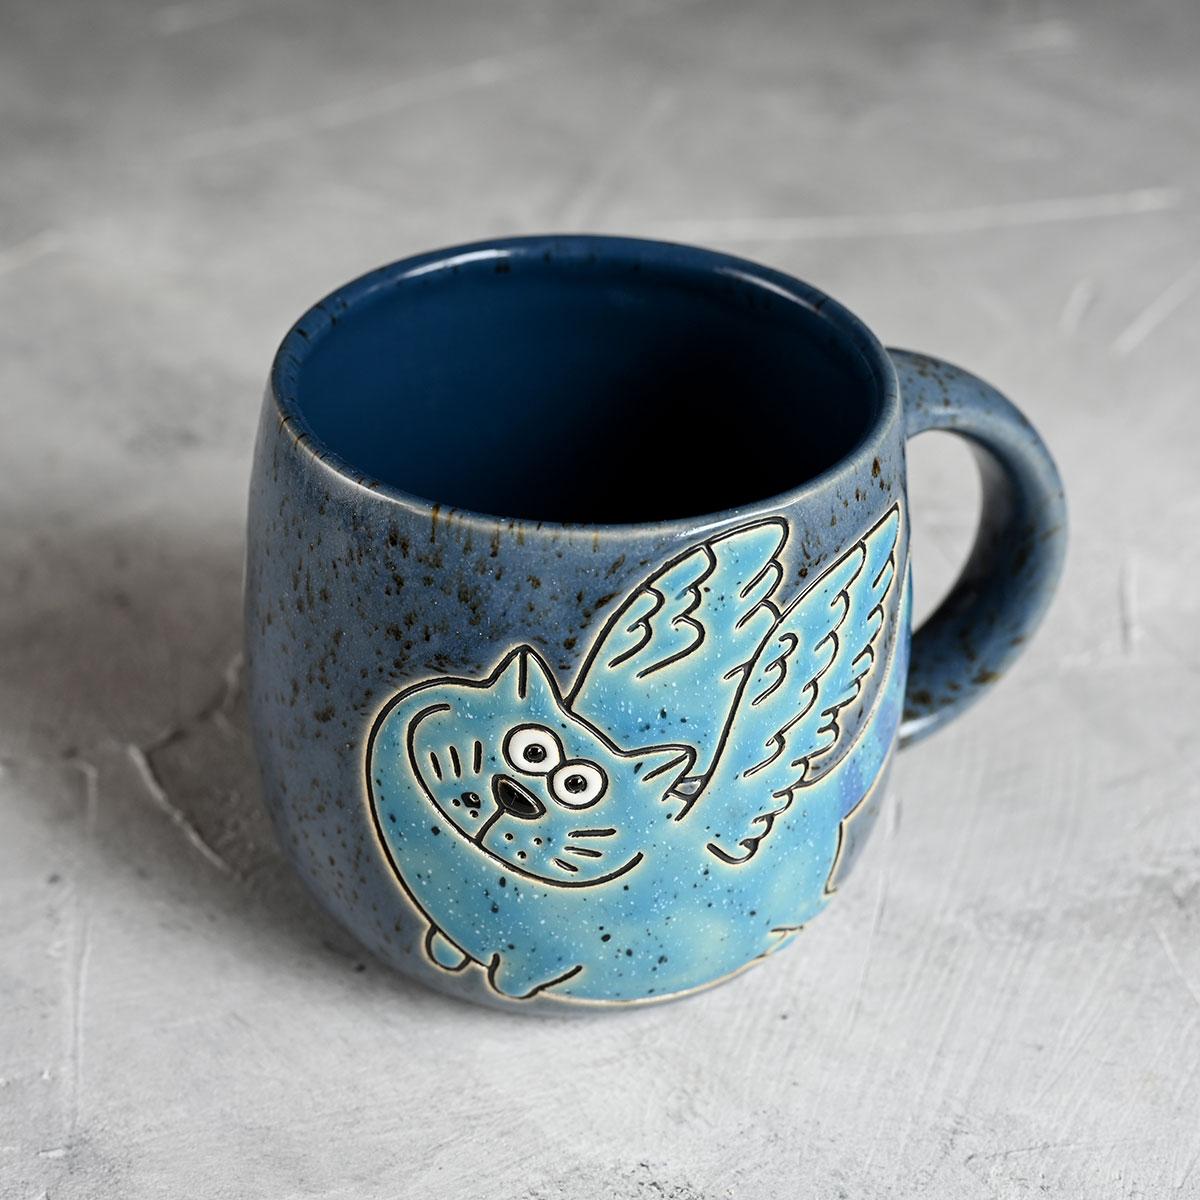 """картинка Кружка """"Синий кот с крыльями""""  - DishWishes.Ru"""